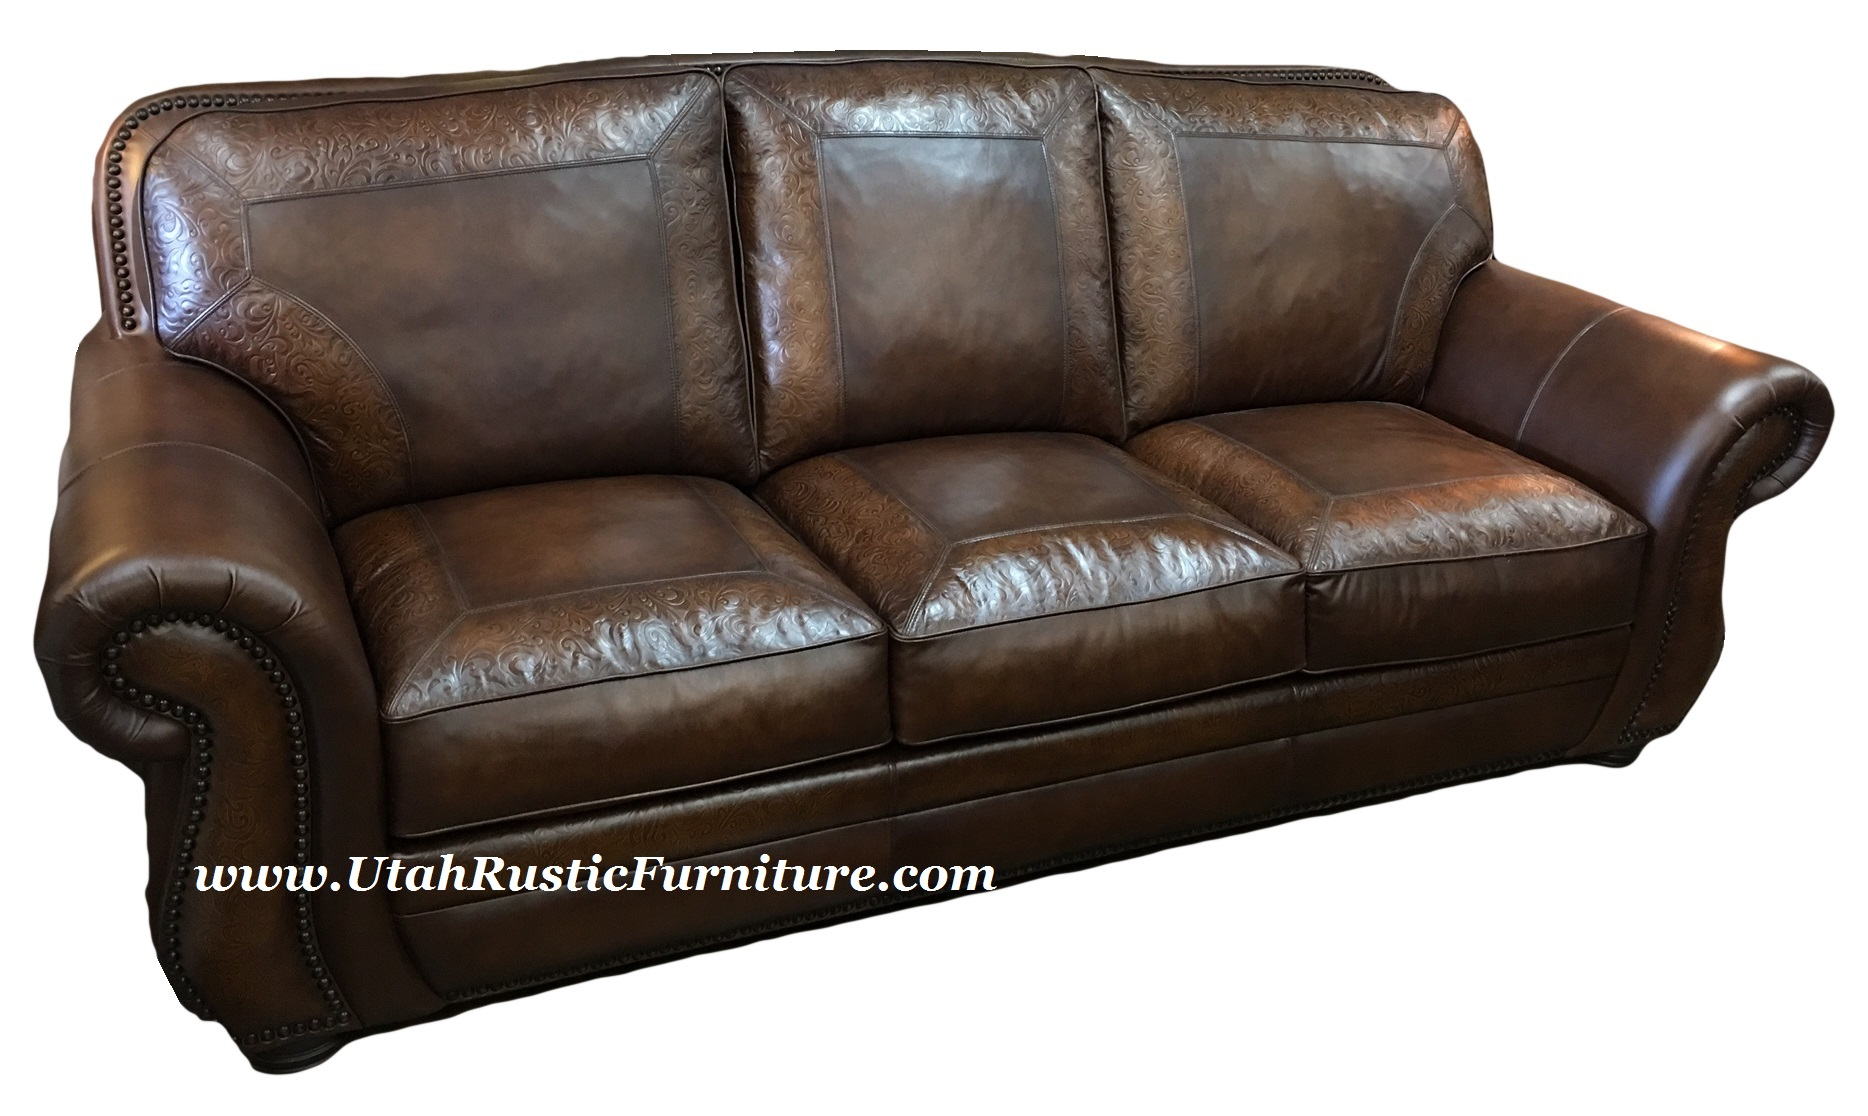 Bradley s Furniture Etc Artistic Leather Premium Rustic Sofas